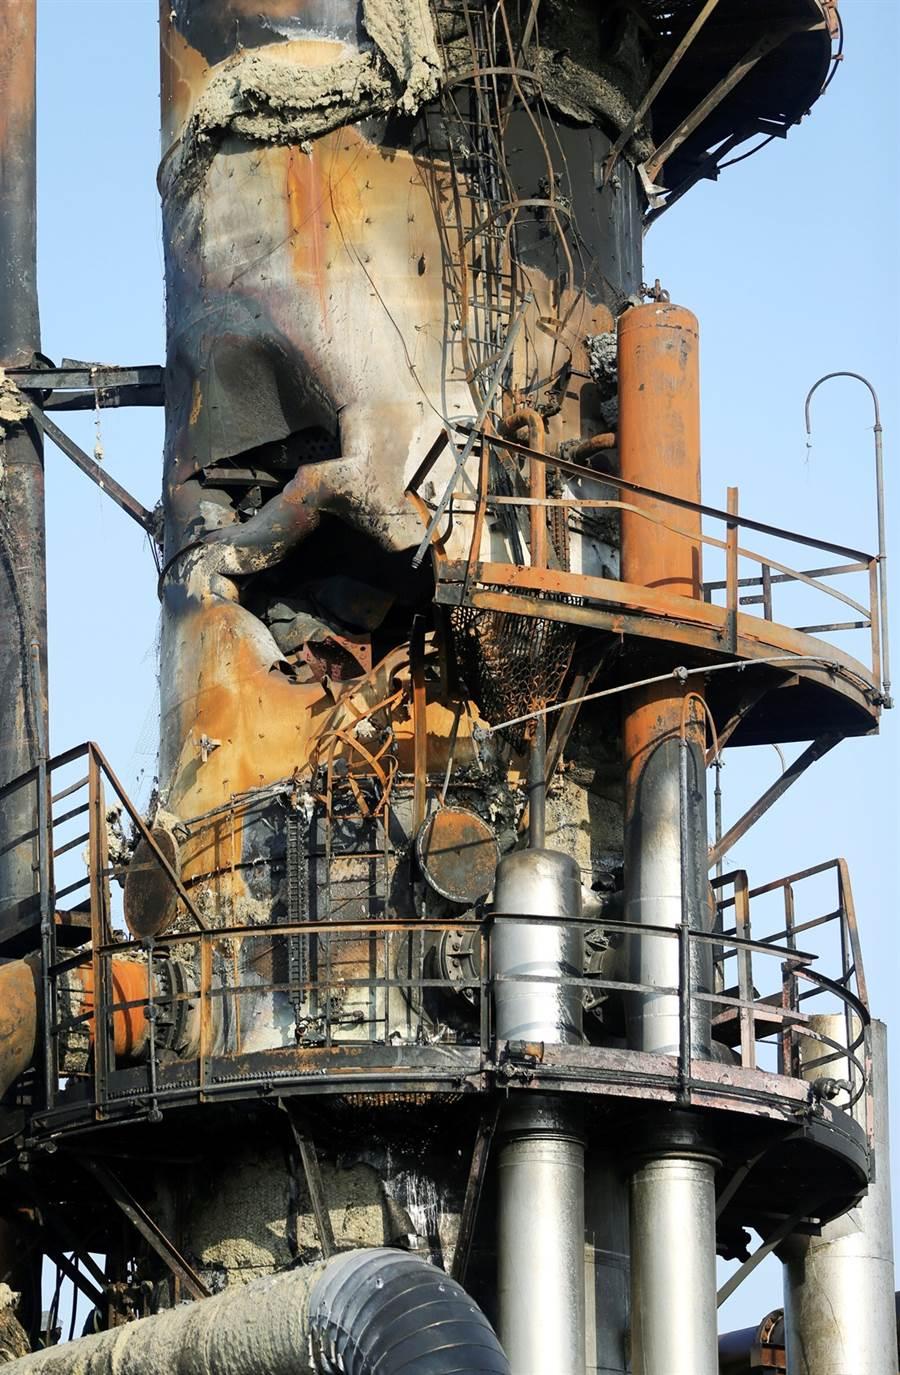 沙烏地阿拉伯阿美石油公司阿布蓋格石油設施被炸後慘況。(圖/路透社)